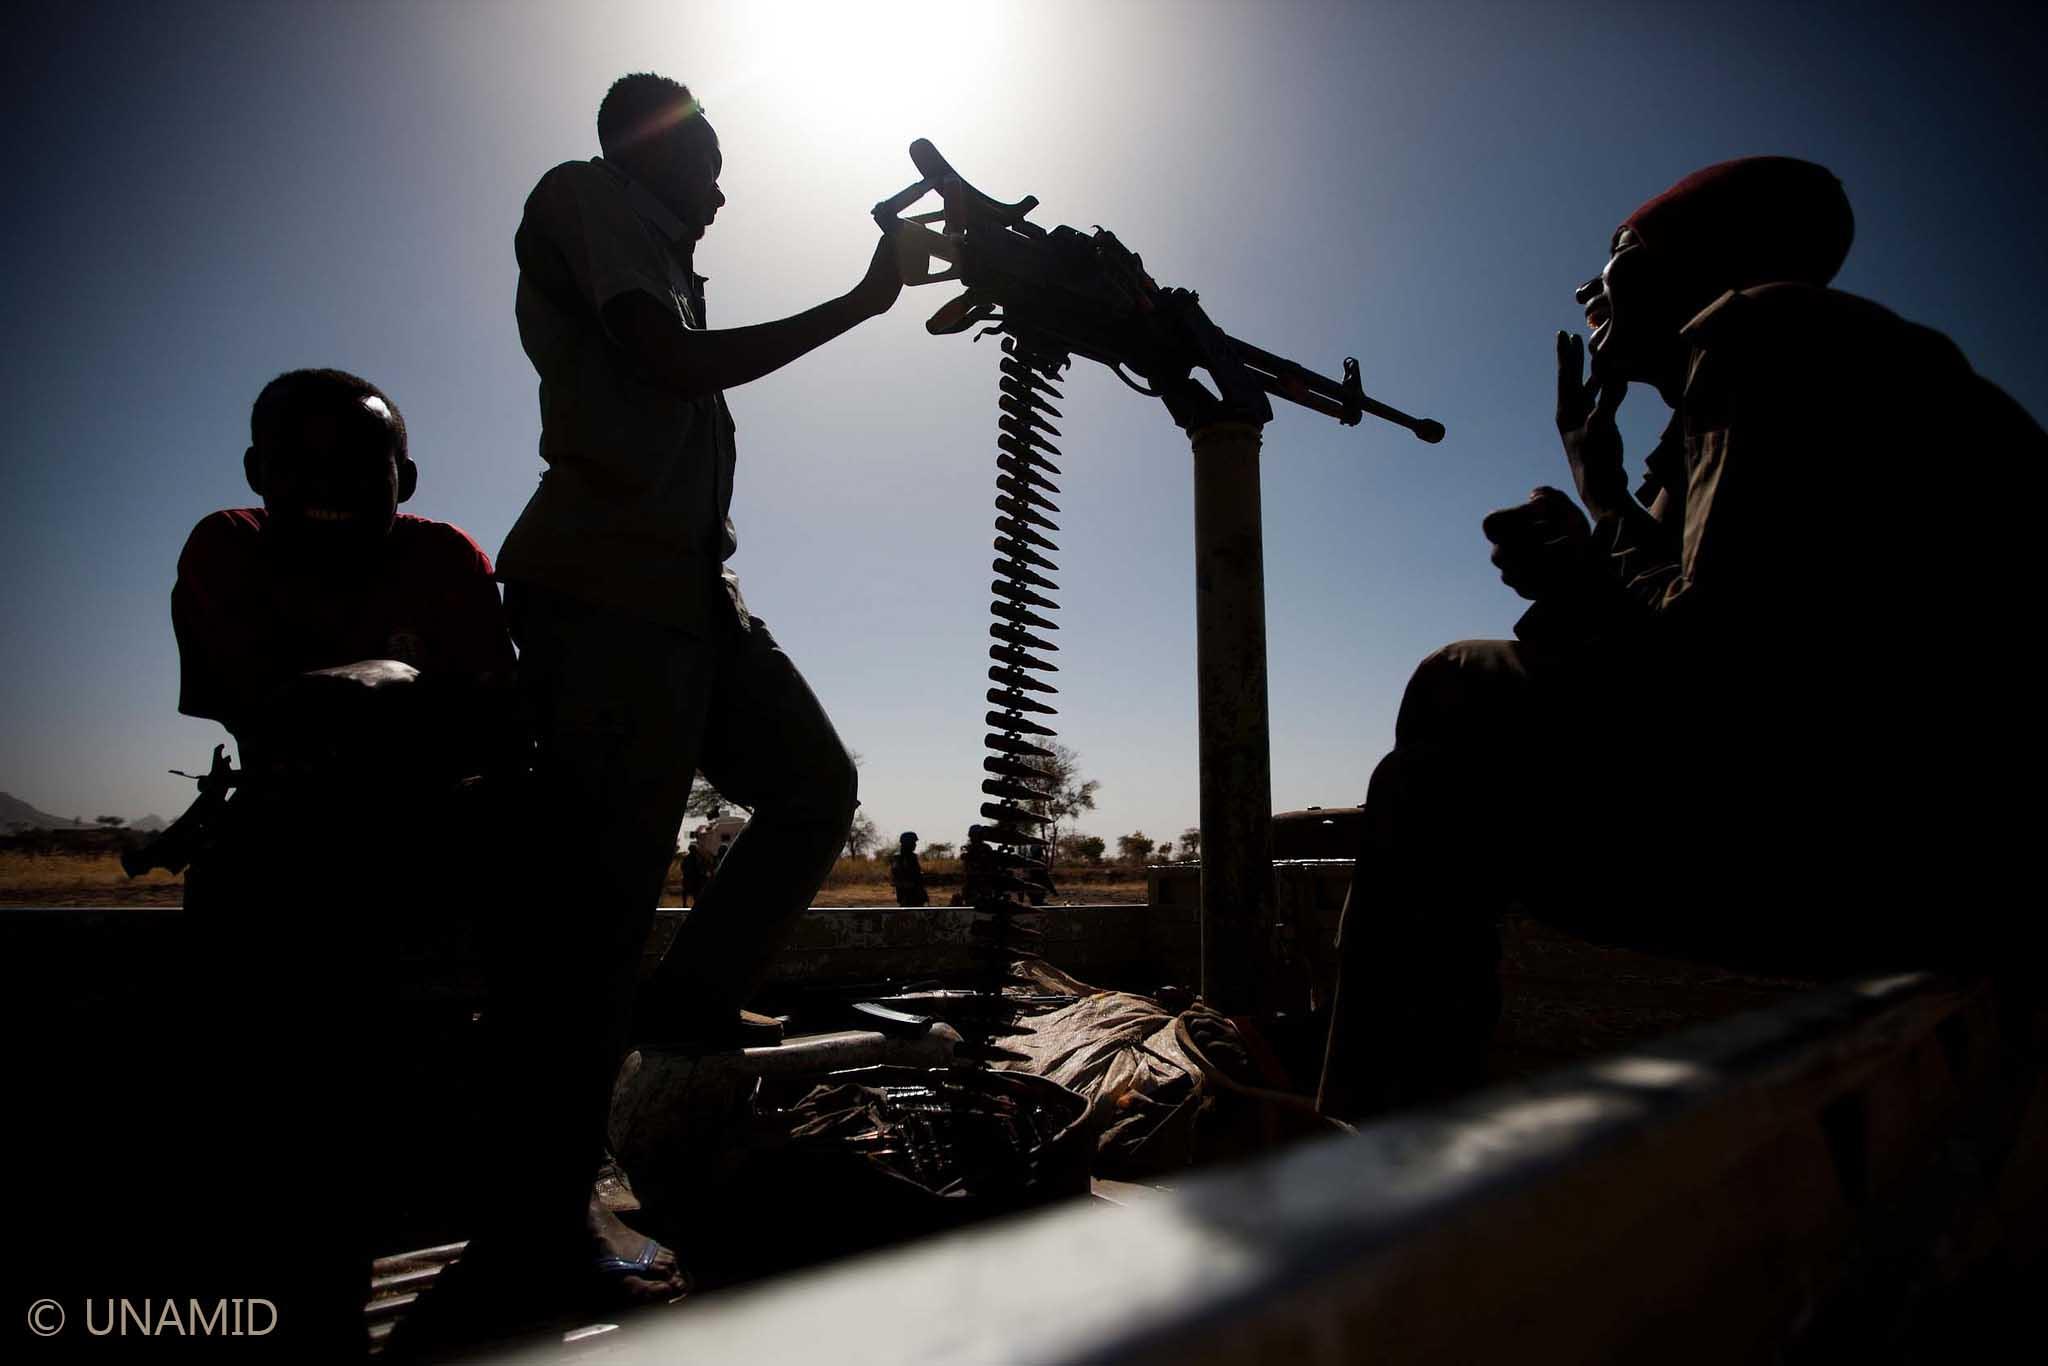 جبل مرة : عودة الهجوم على المدنيين وتشريد العُزل